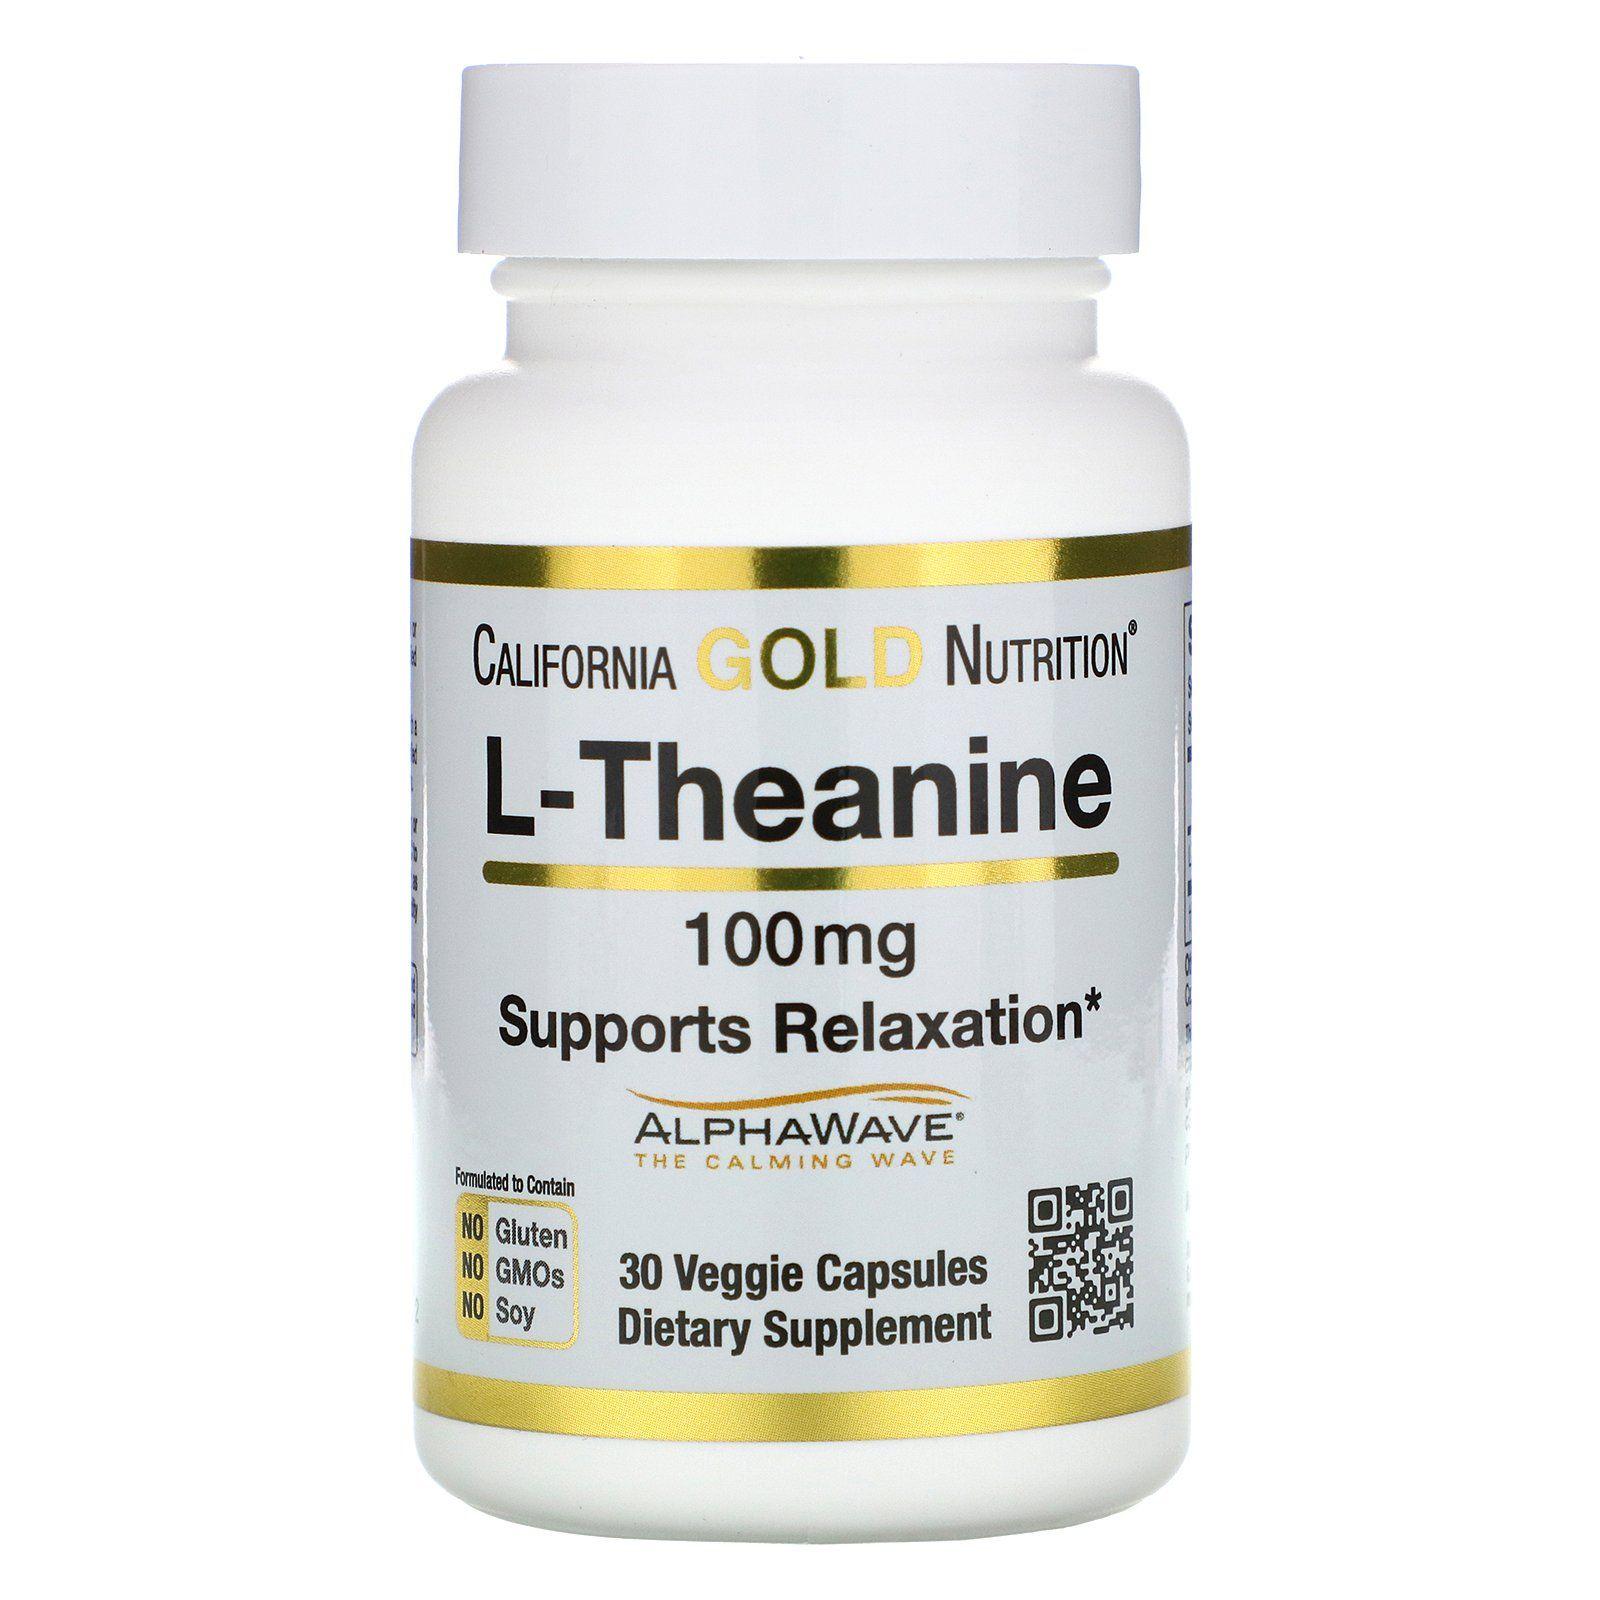 California Gold Nutrition كبسولات ل ثيانين معزز بالـ Alphawave يعزز الاسترخاء والتركيز الهادئ 100 ملجم 30 كبسولة نباتية Veggie Capsule Nutrition Theanine